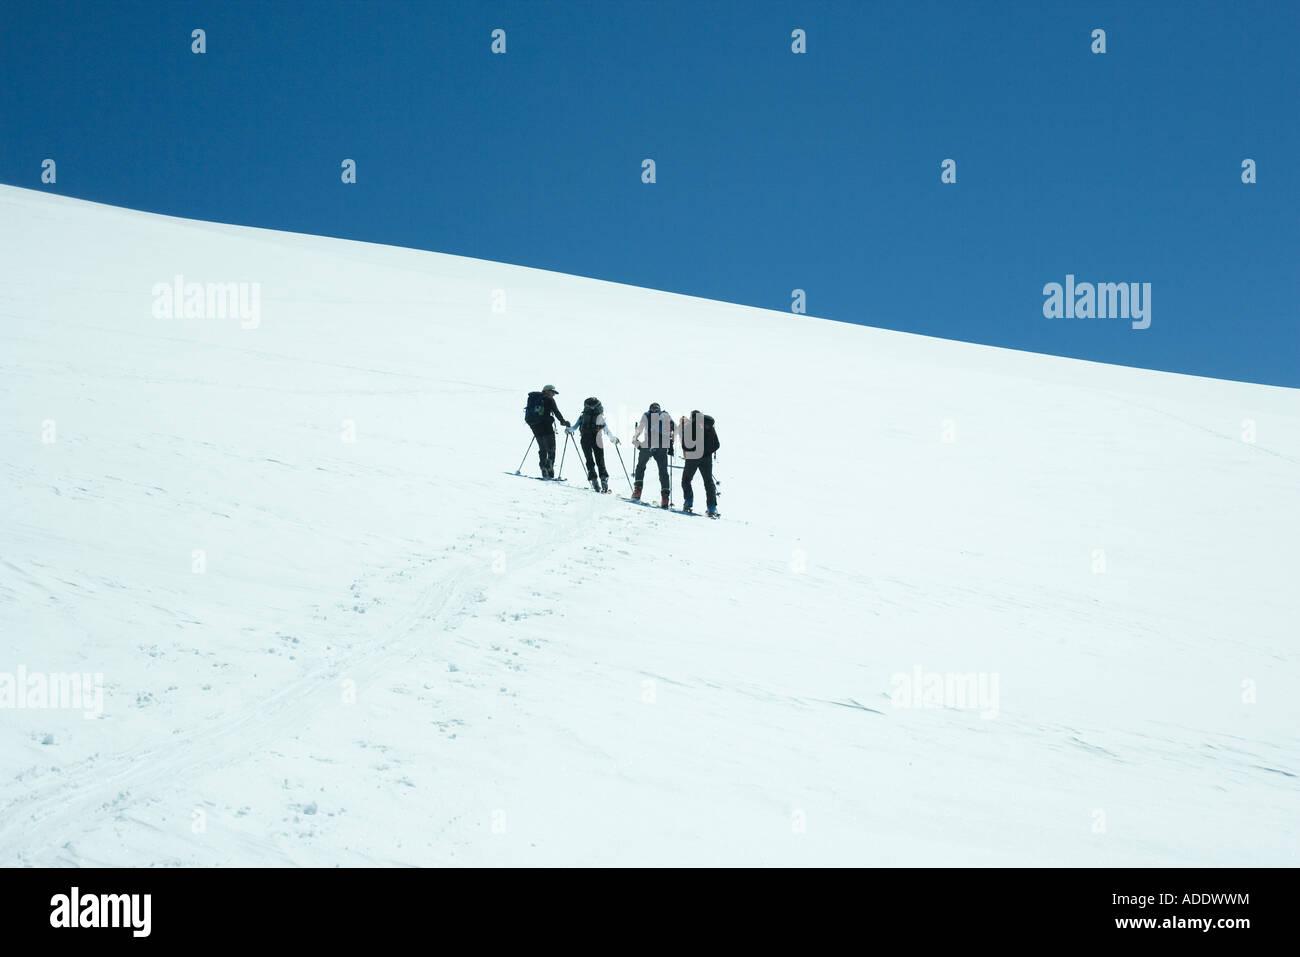 Les skieurs debout côte à côte sur la pente, vue arrière Photo Stock